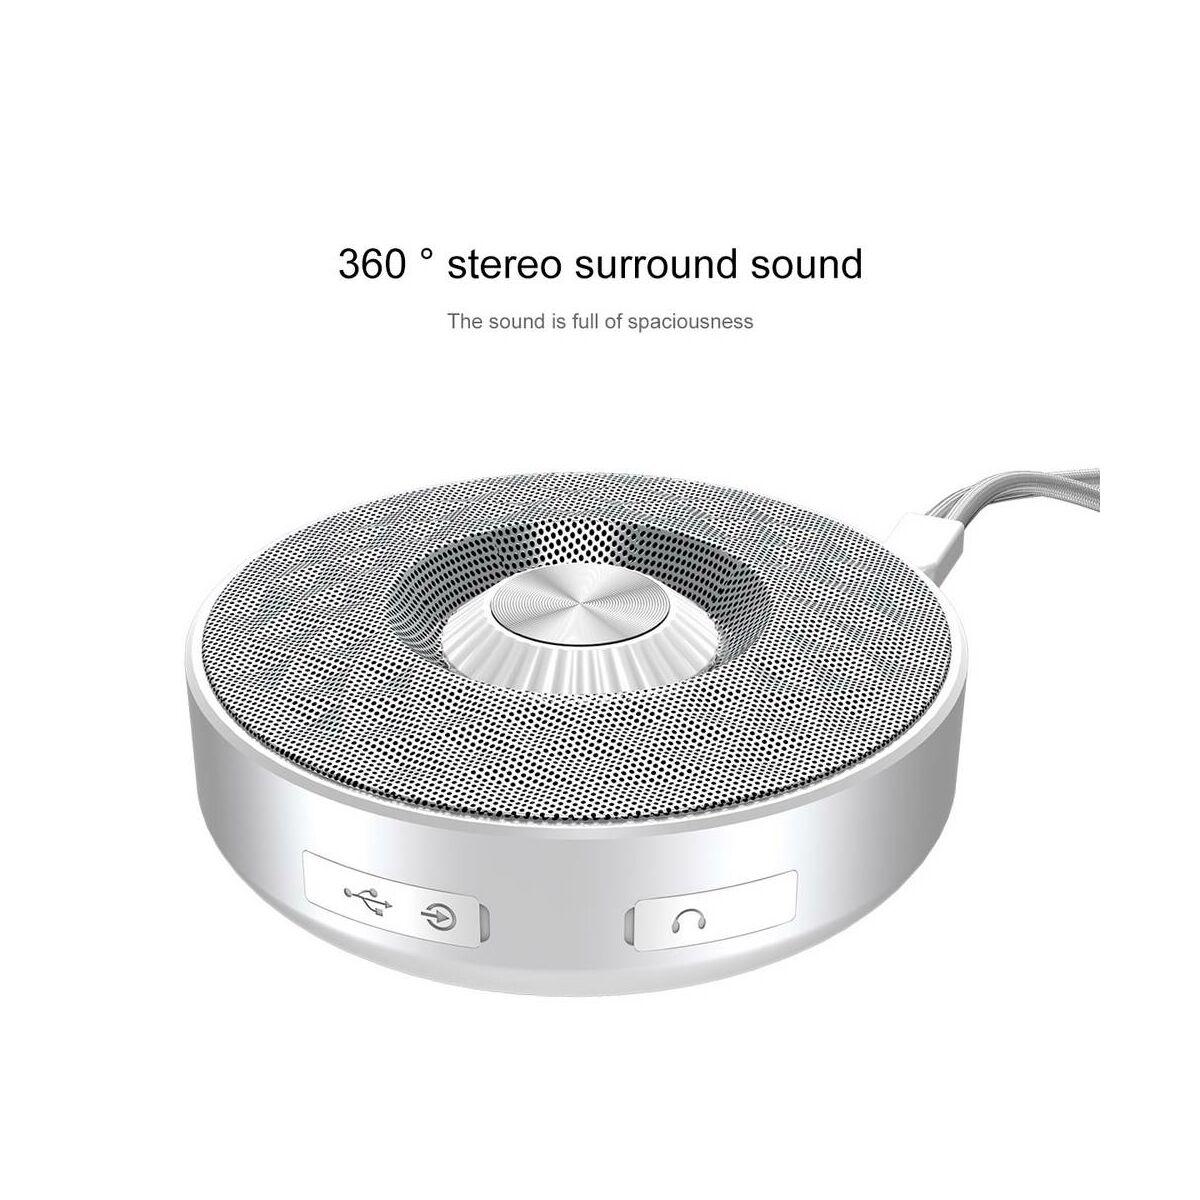 Baseus Hordozható hangszóró, Bluetooth Lanyard E03 kültéri, ezüst/fehér (NGE03-S2)